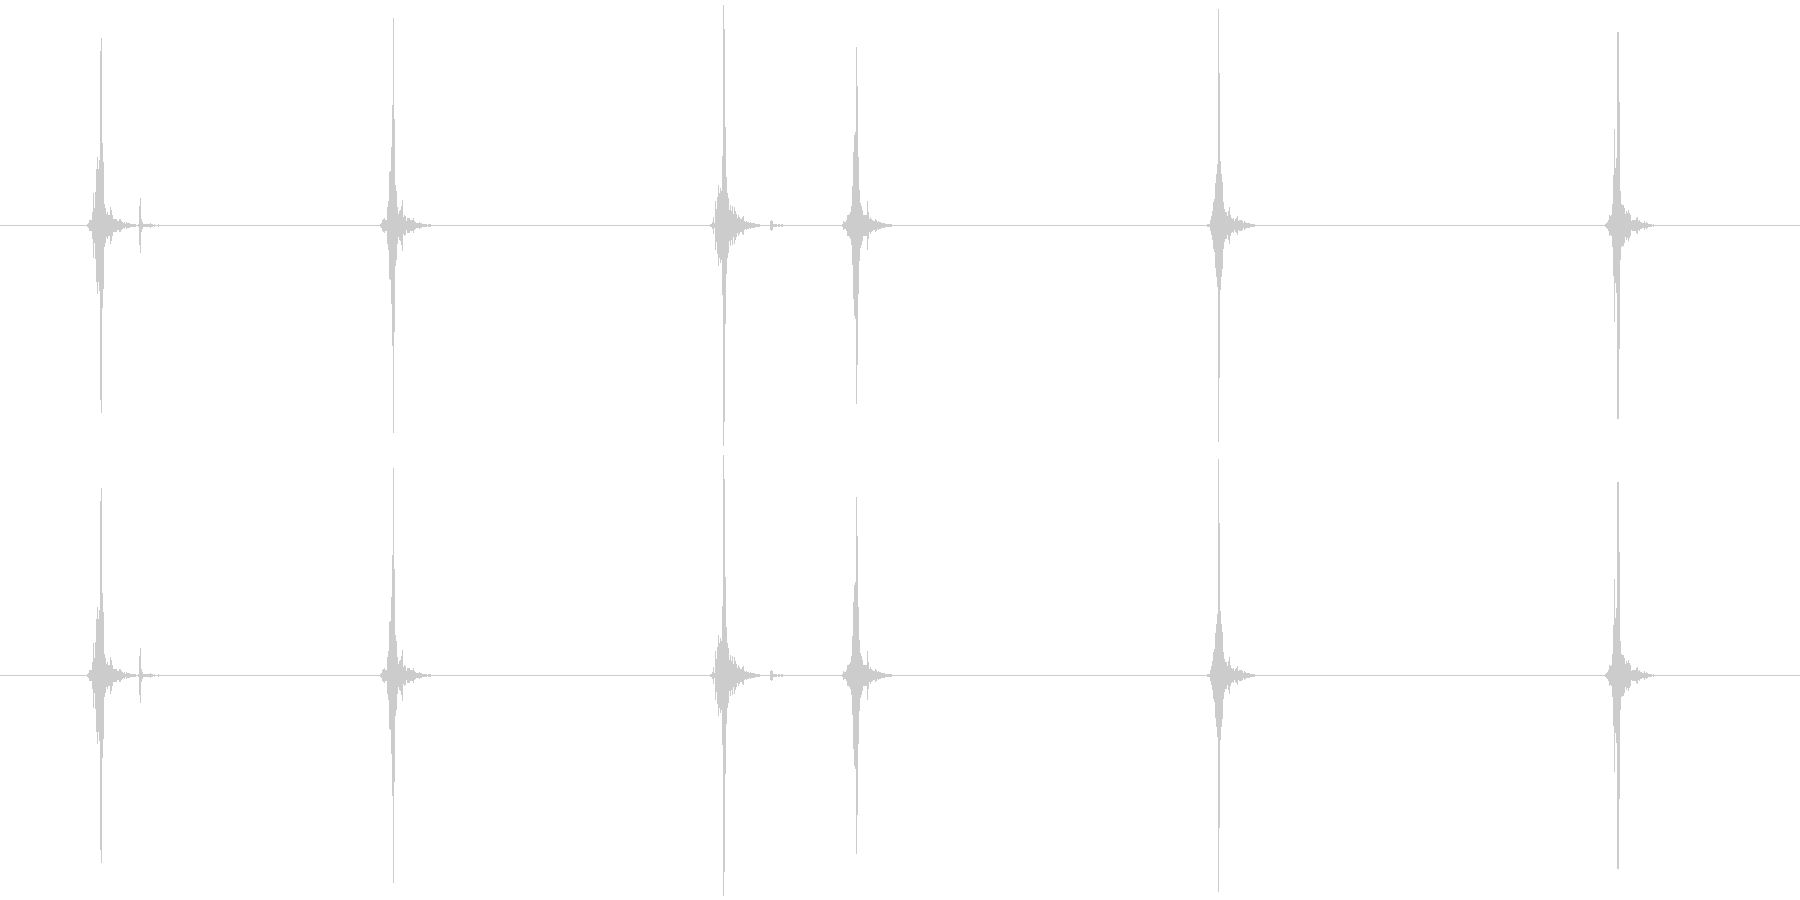 ライター(こする音)の未再生の波形